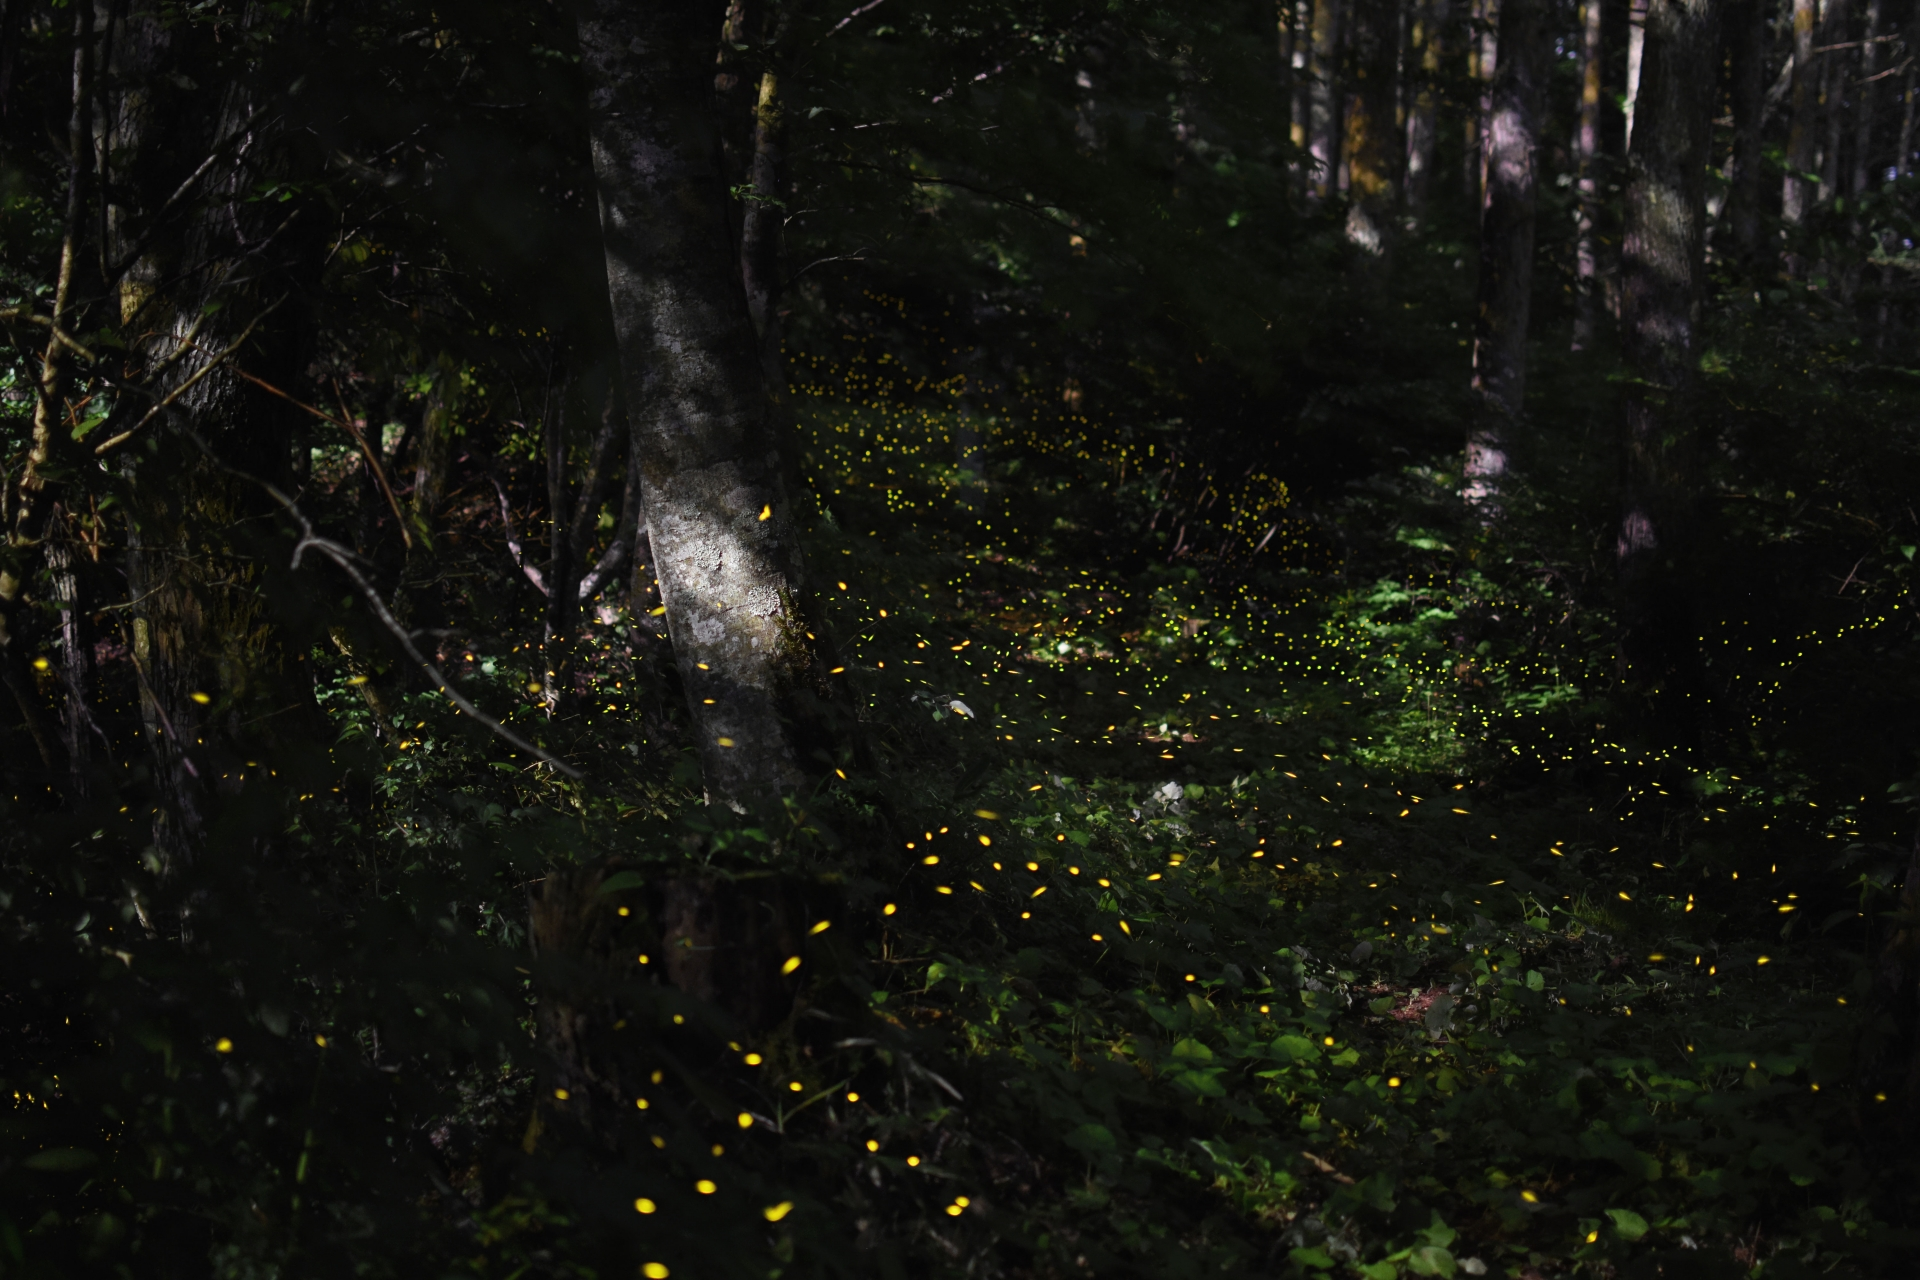 石垣島で見られる蛍